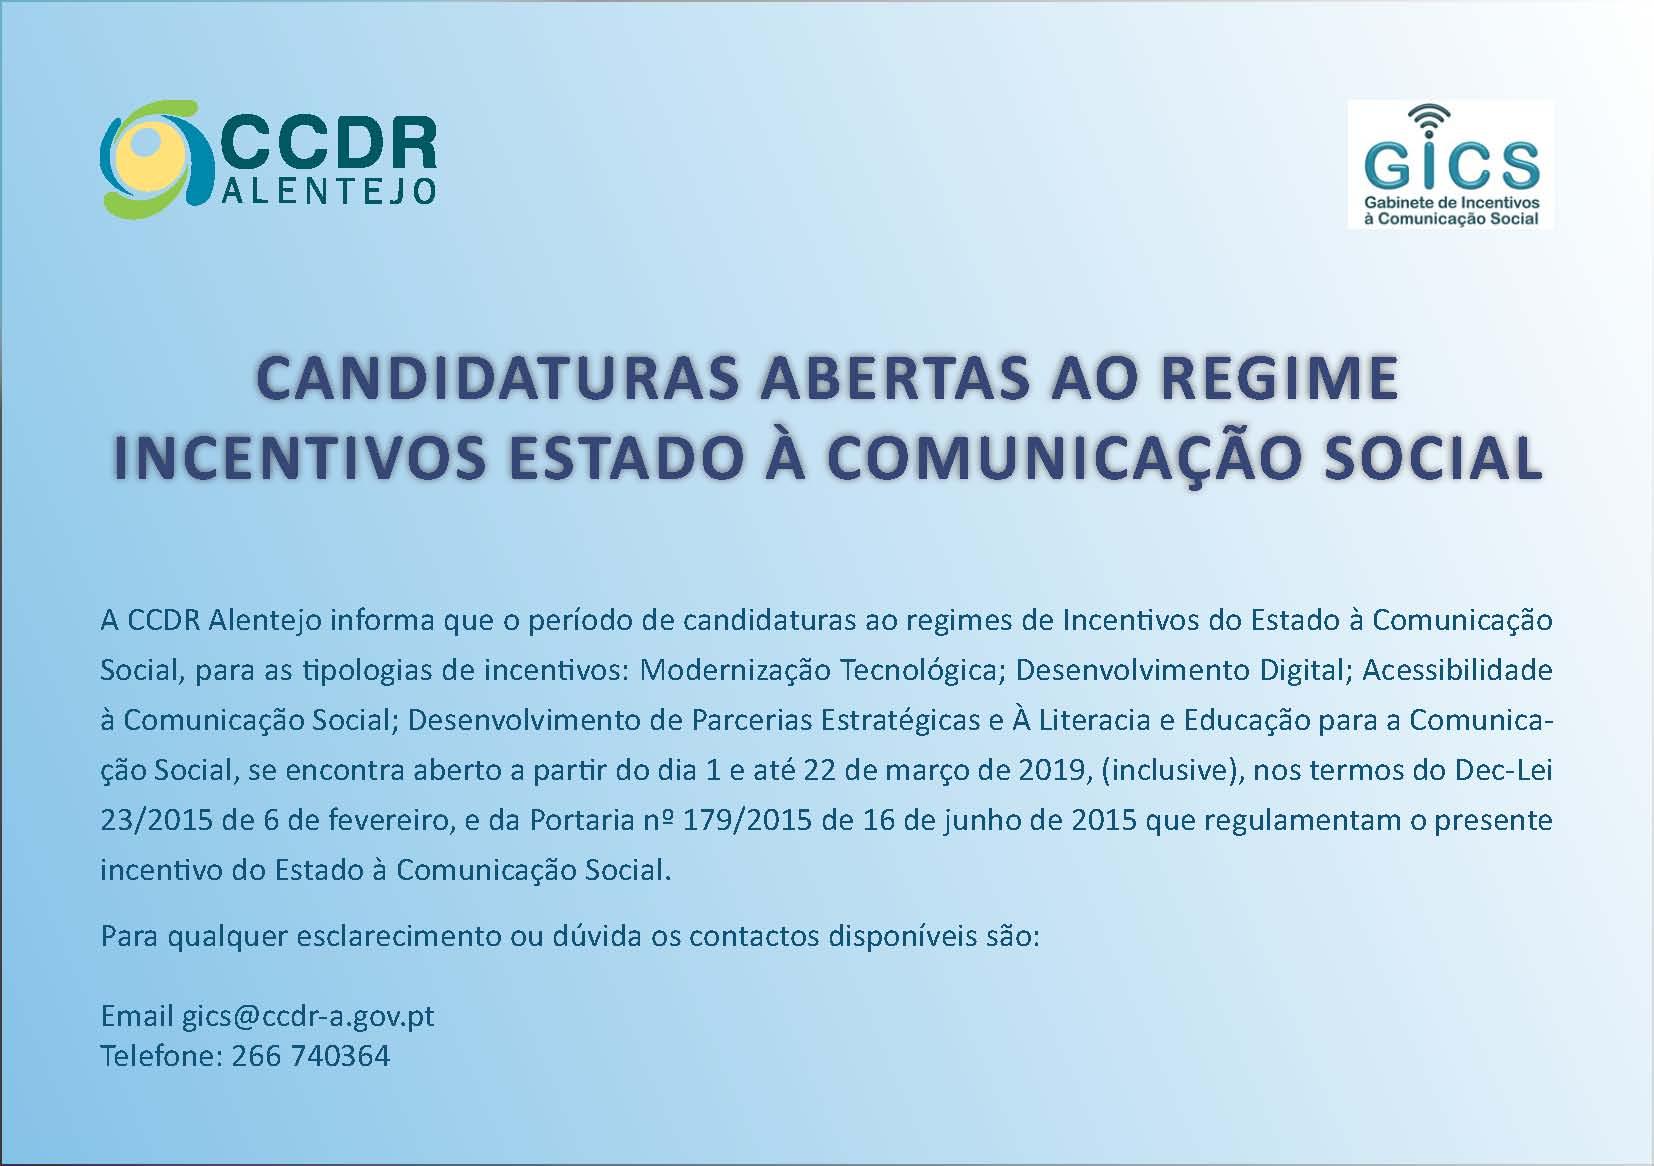 Candidaturas abertas ao Regime de Incentivos do Estado à Comunicação Social